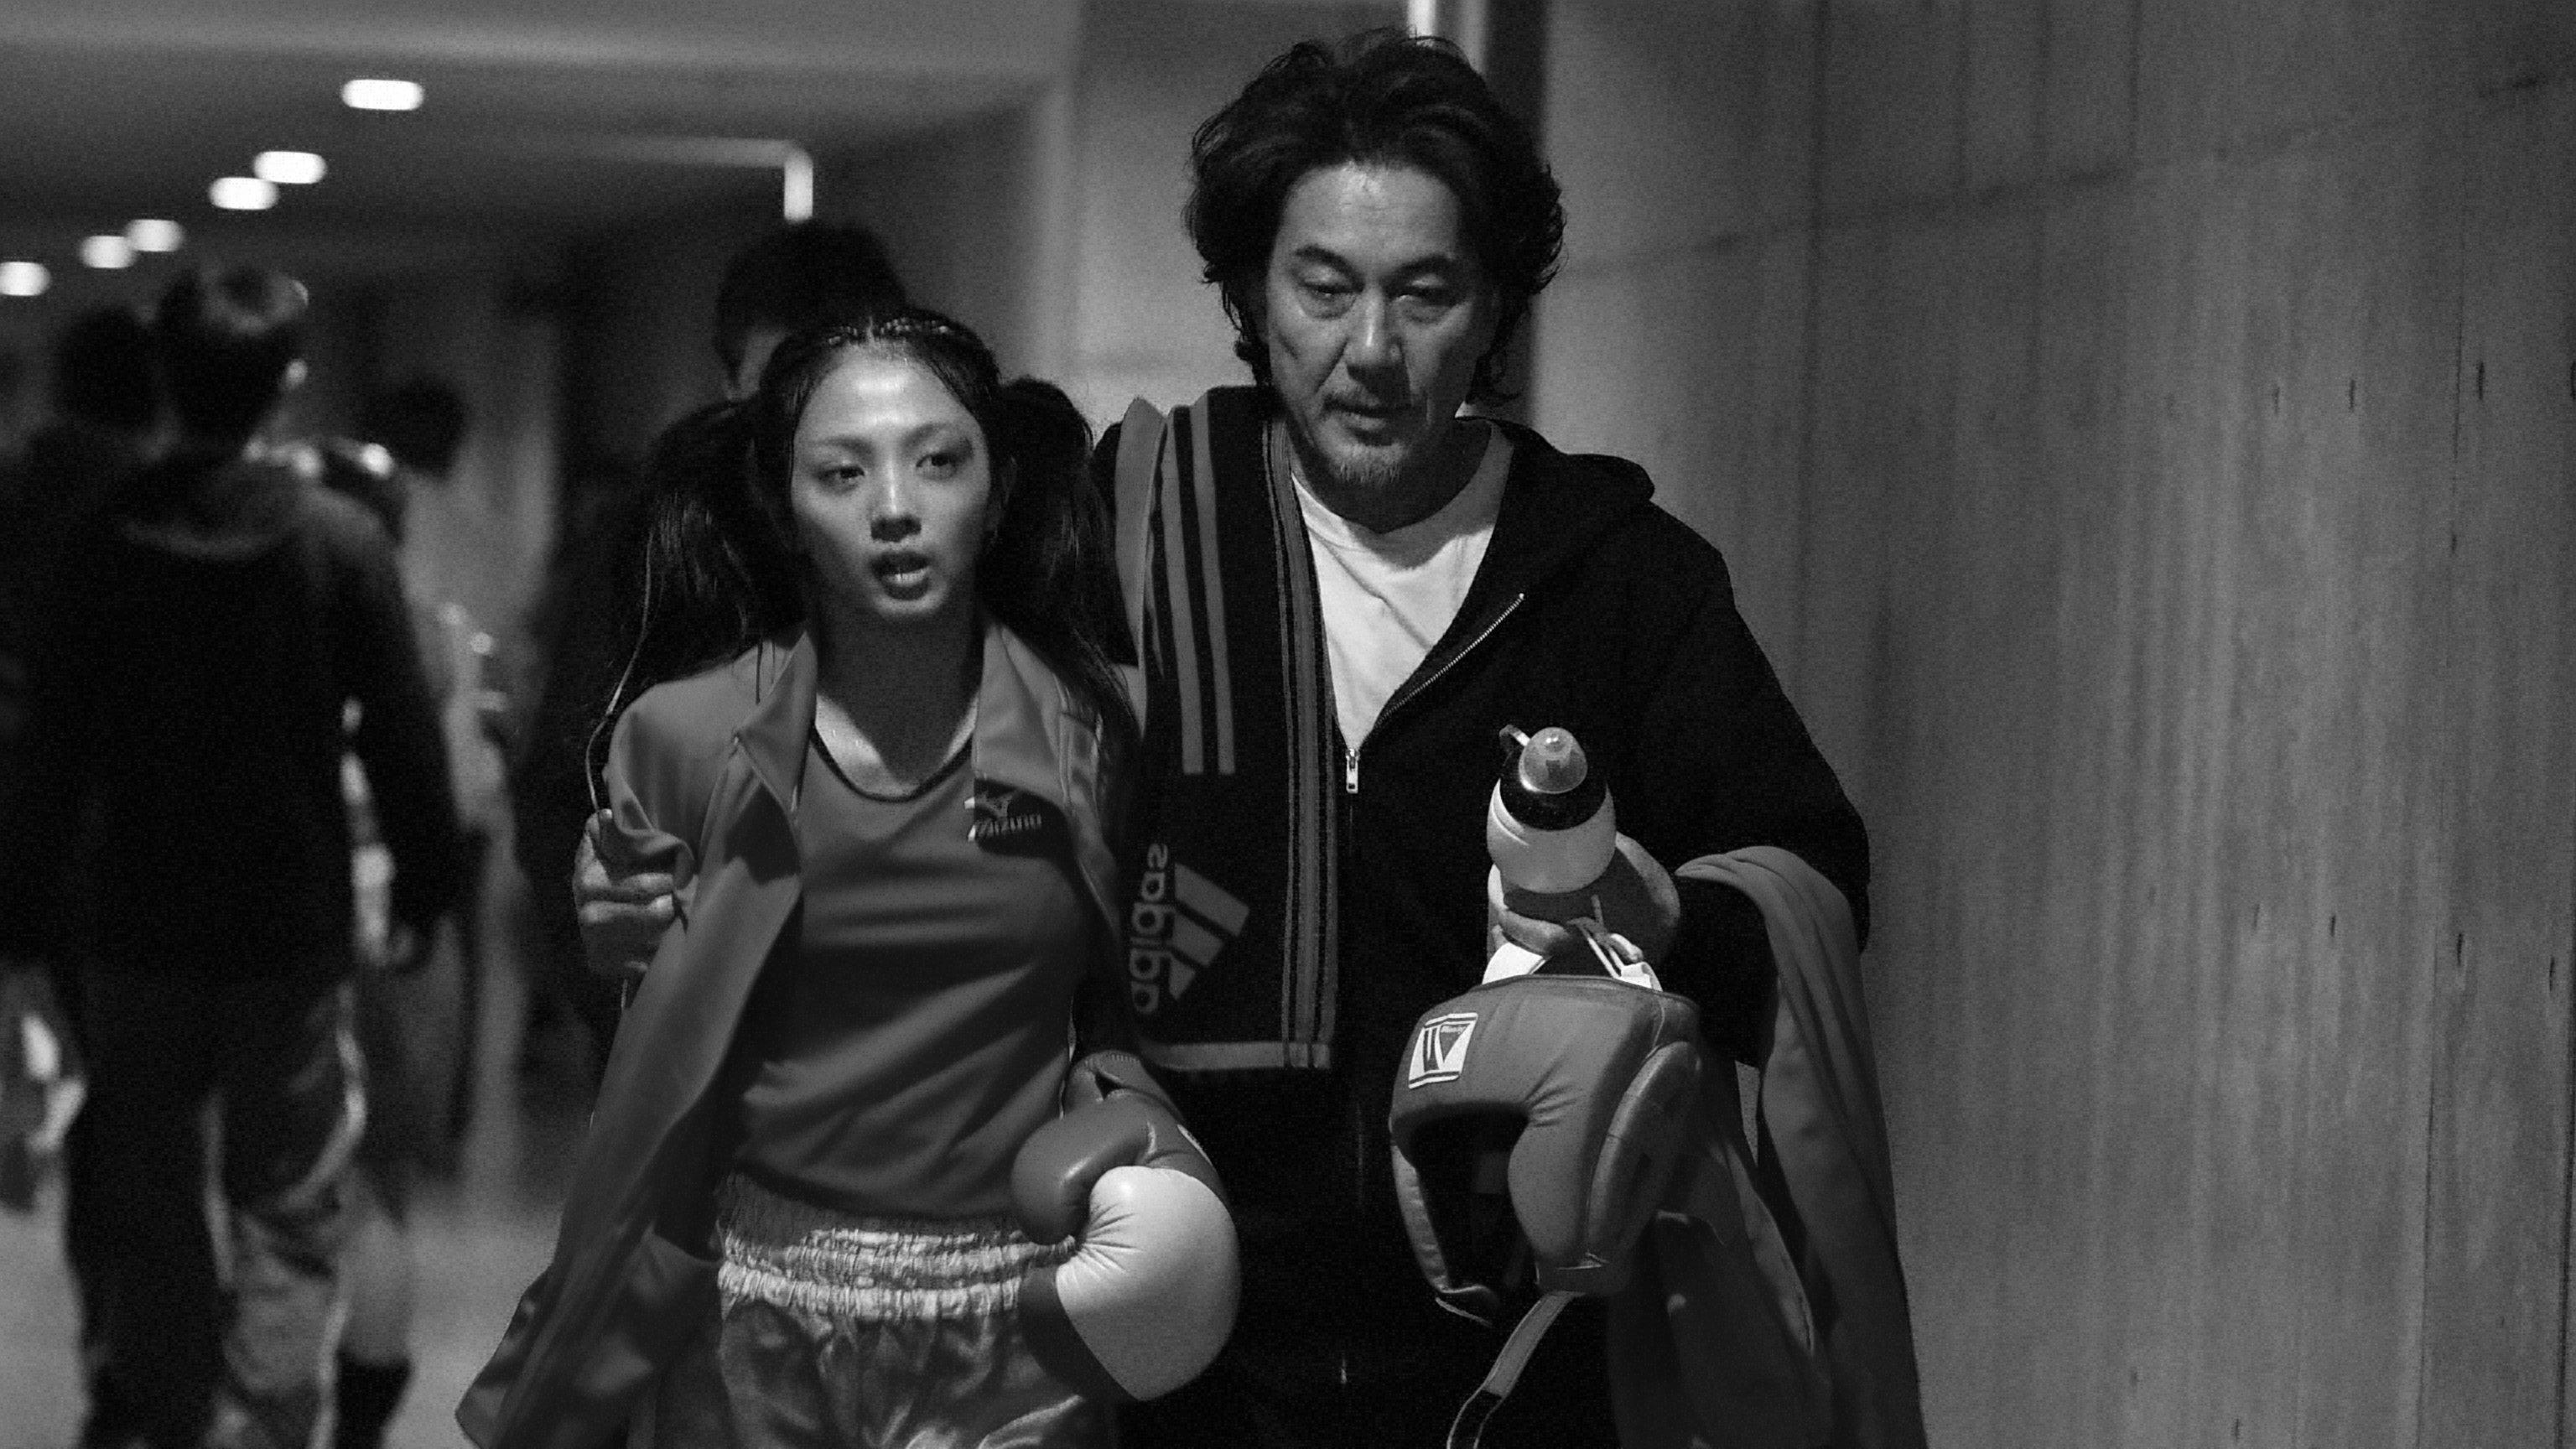 ซีรีส์ญี่ปุ่น อุ่นไอรัก...จากใจพ่อ - ตอนที่ 2 เวดดิ้ง แมตช์